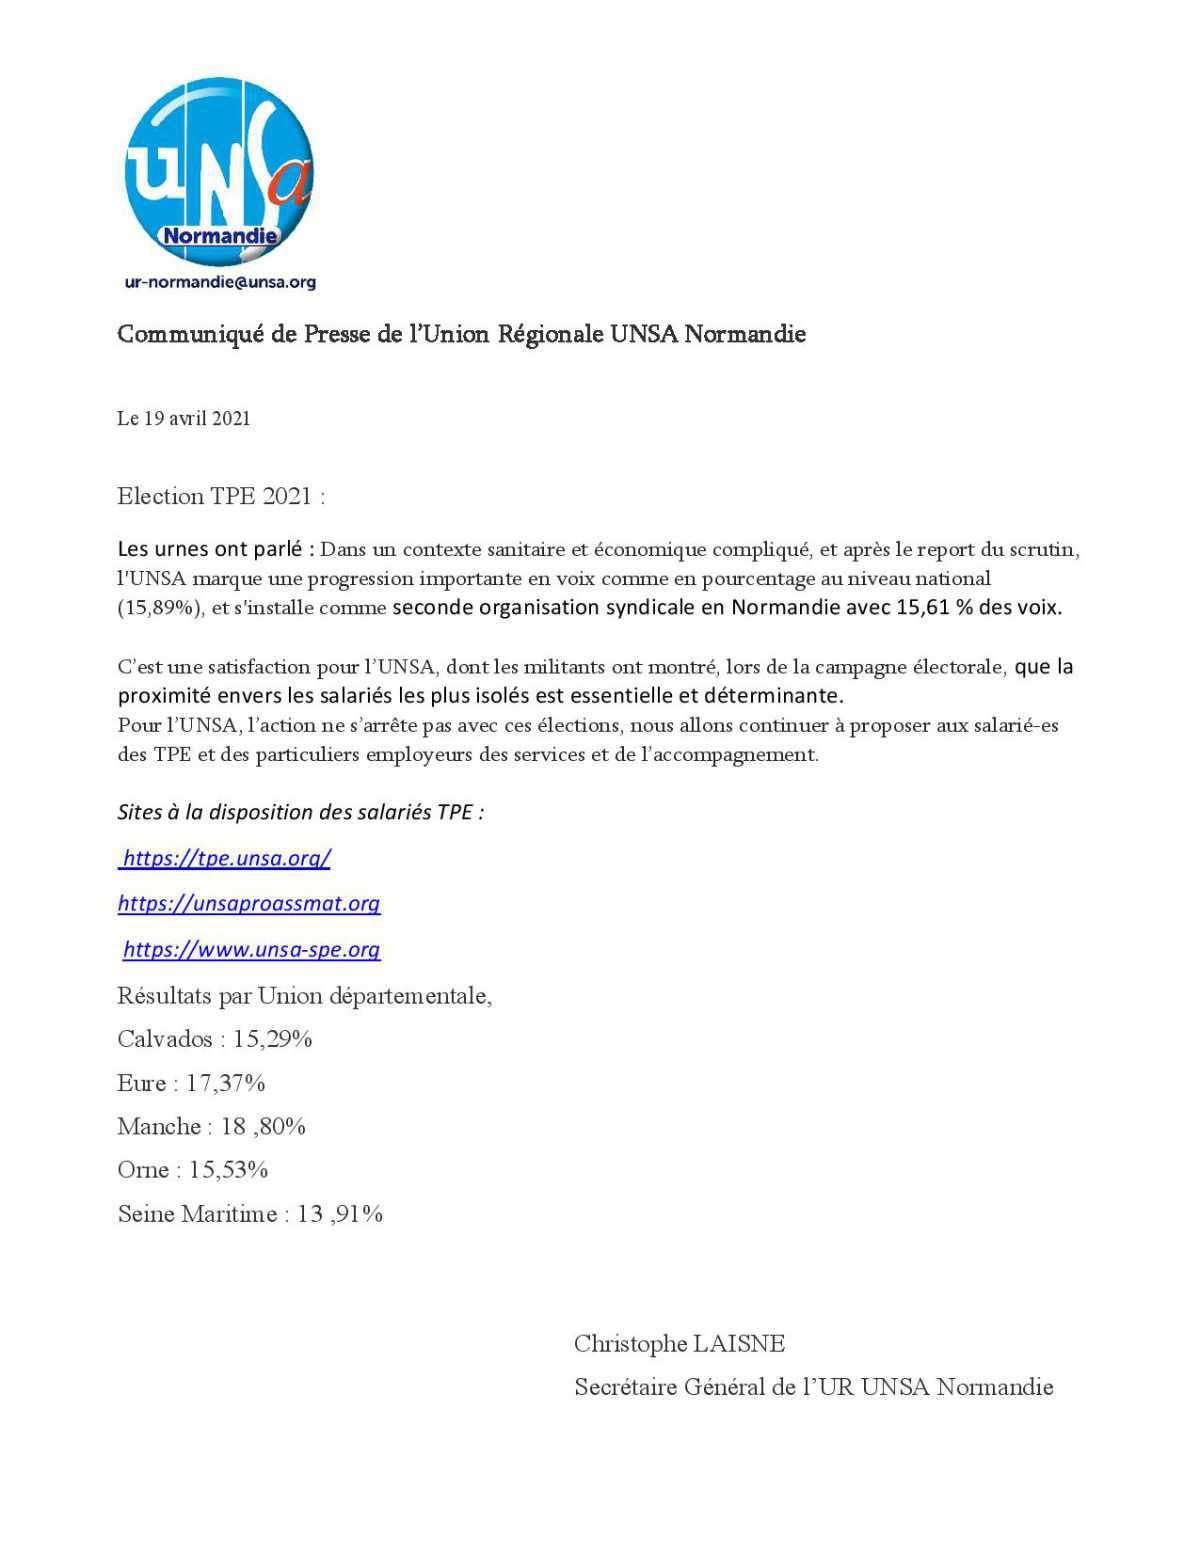 Élections TPE : l'UNSA s'installe comme seconde organisation syndicale en Normandie.